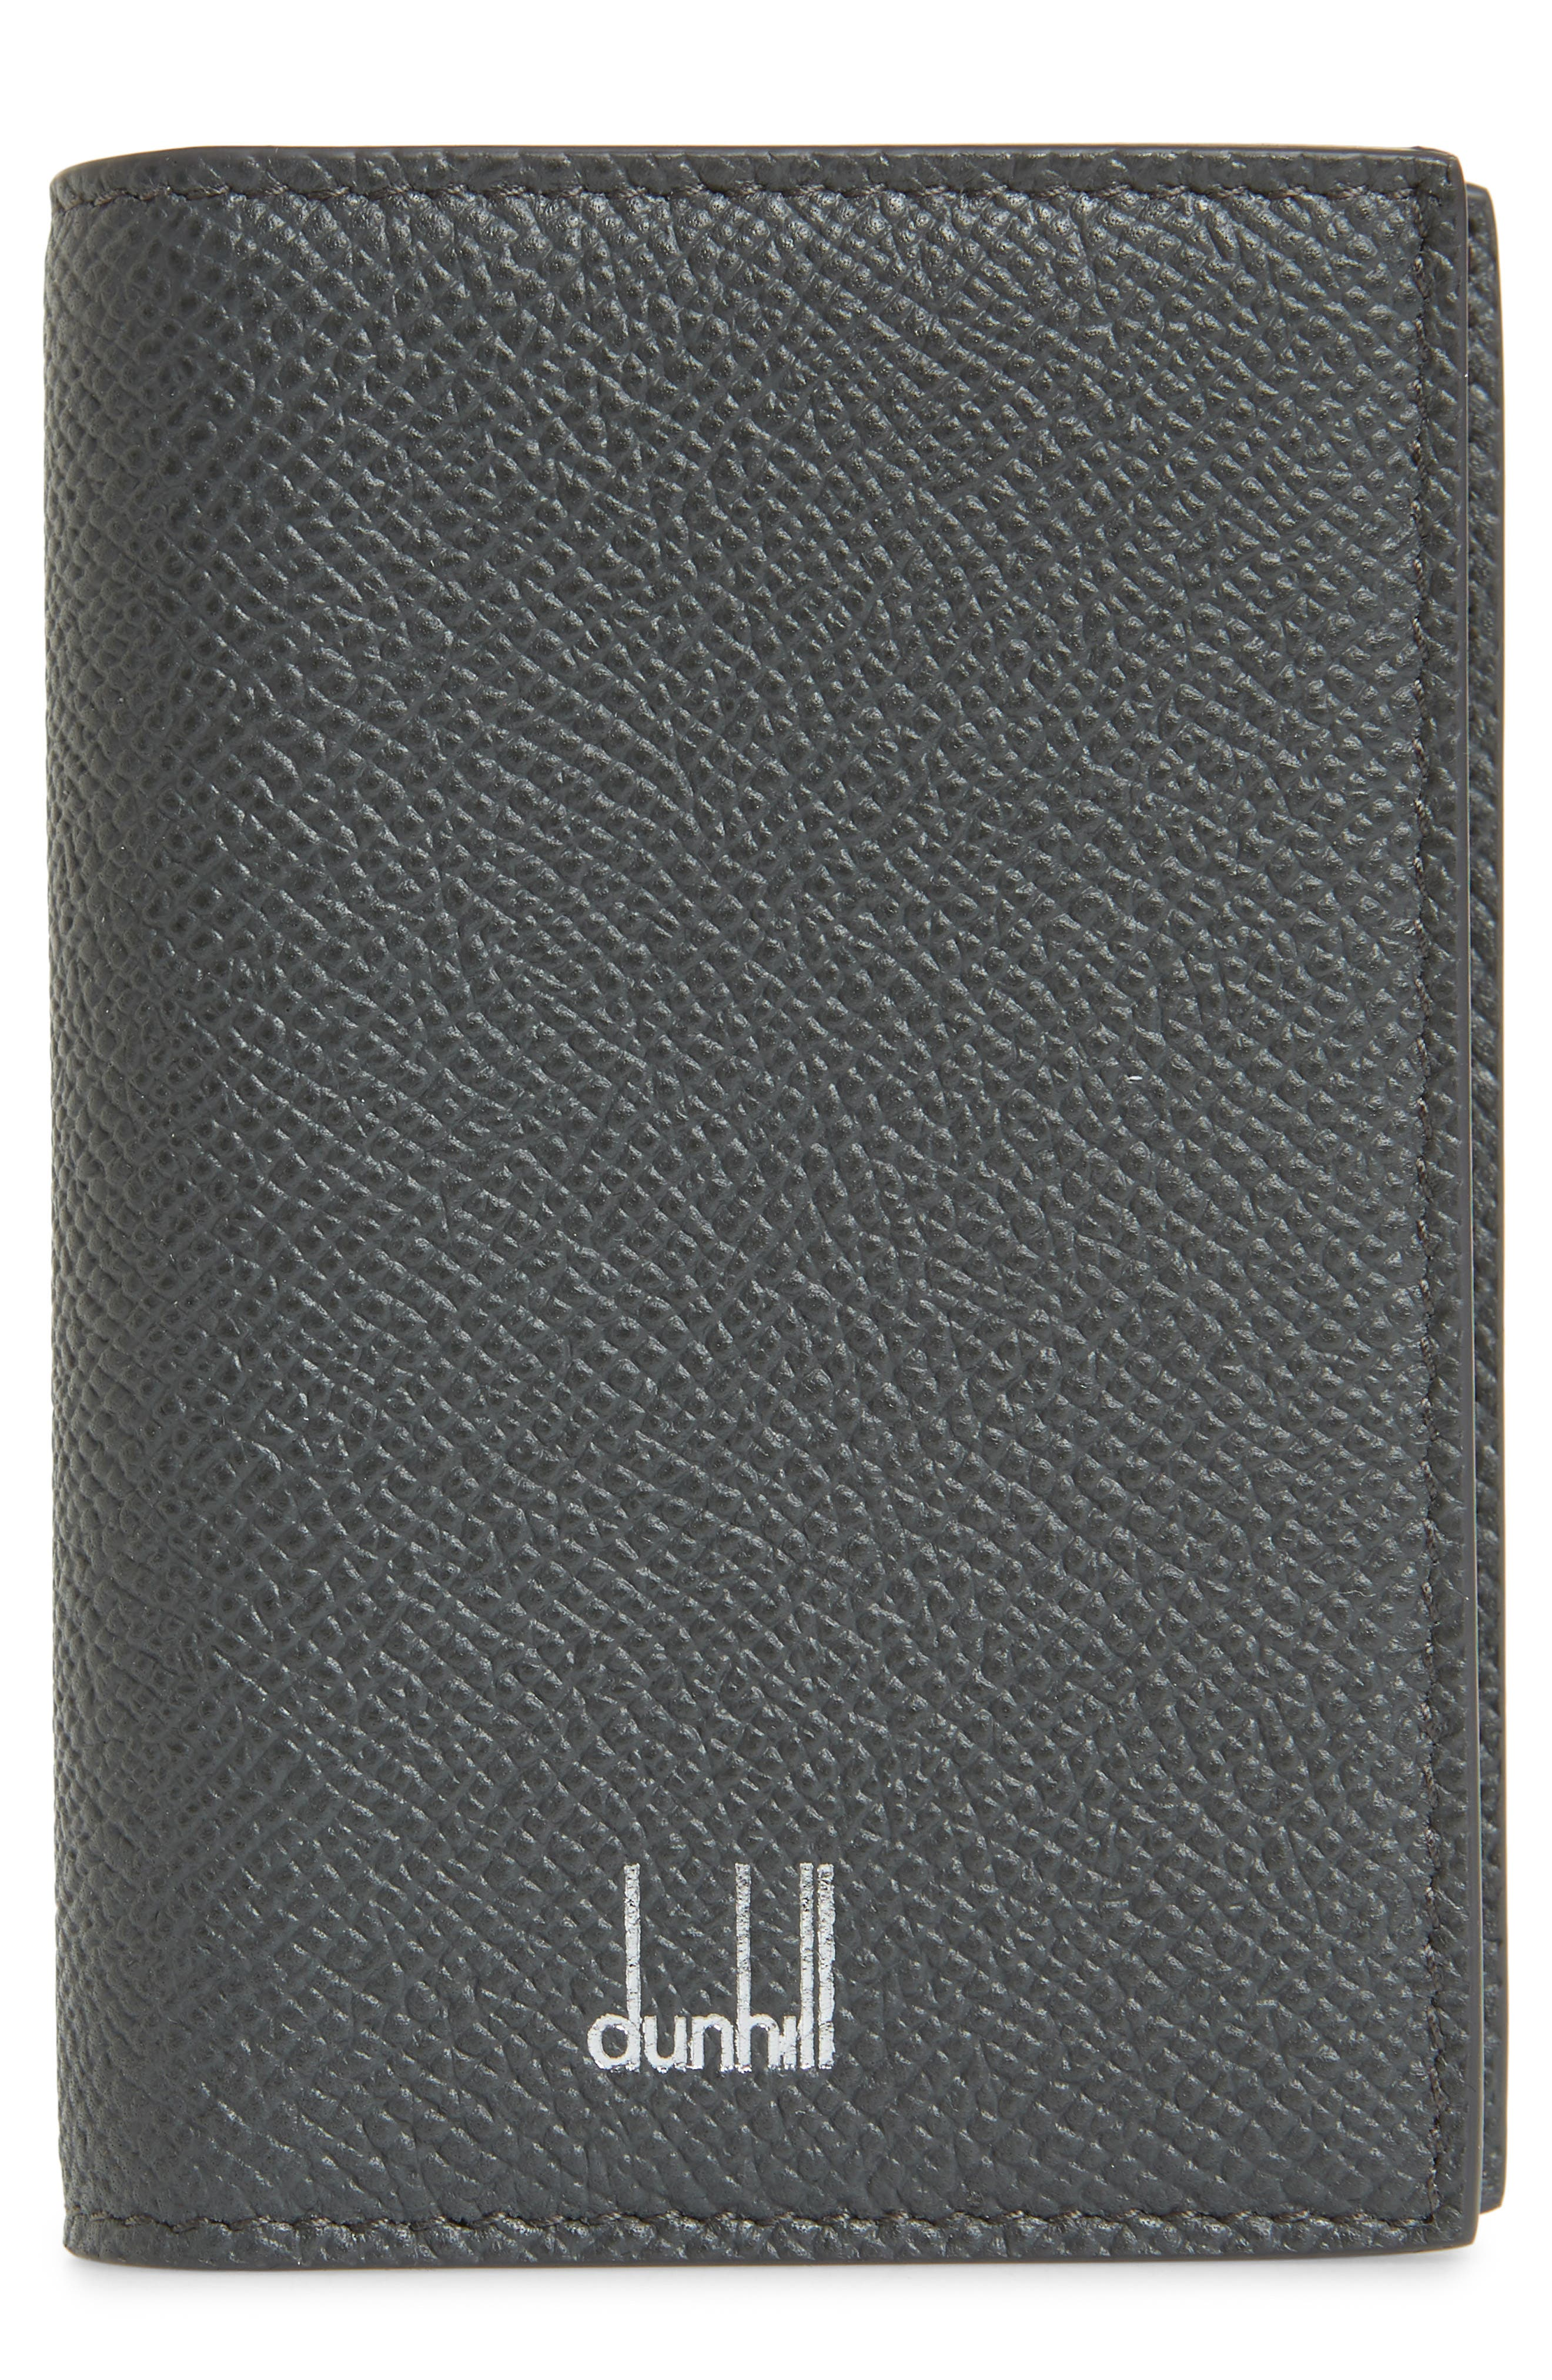 Dunhill Cadogan Card Case - Grey